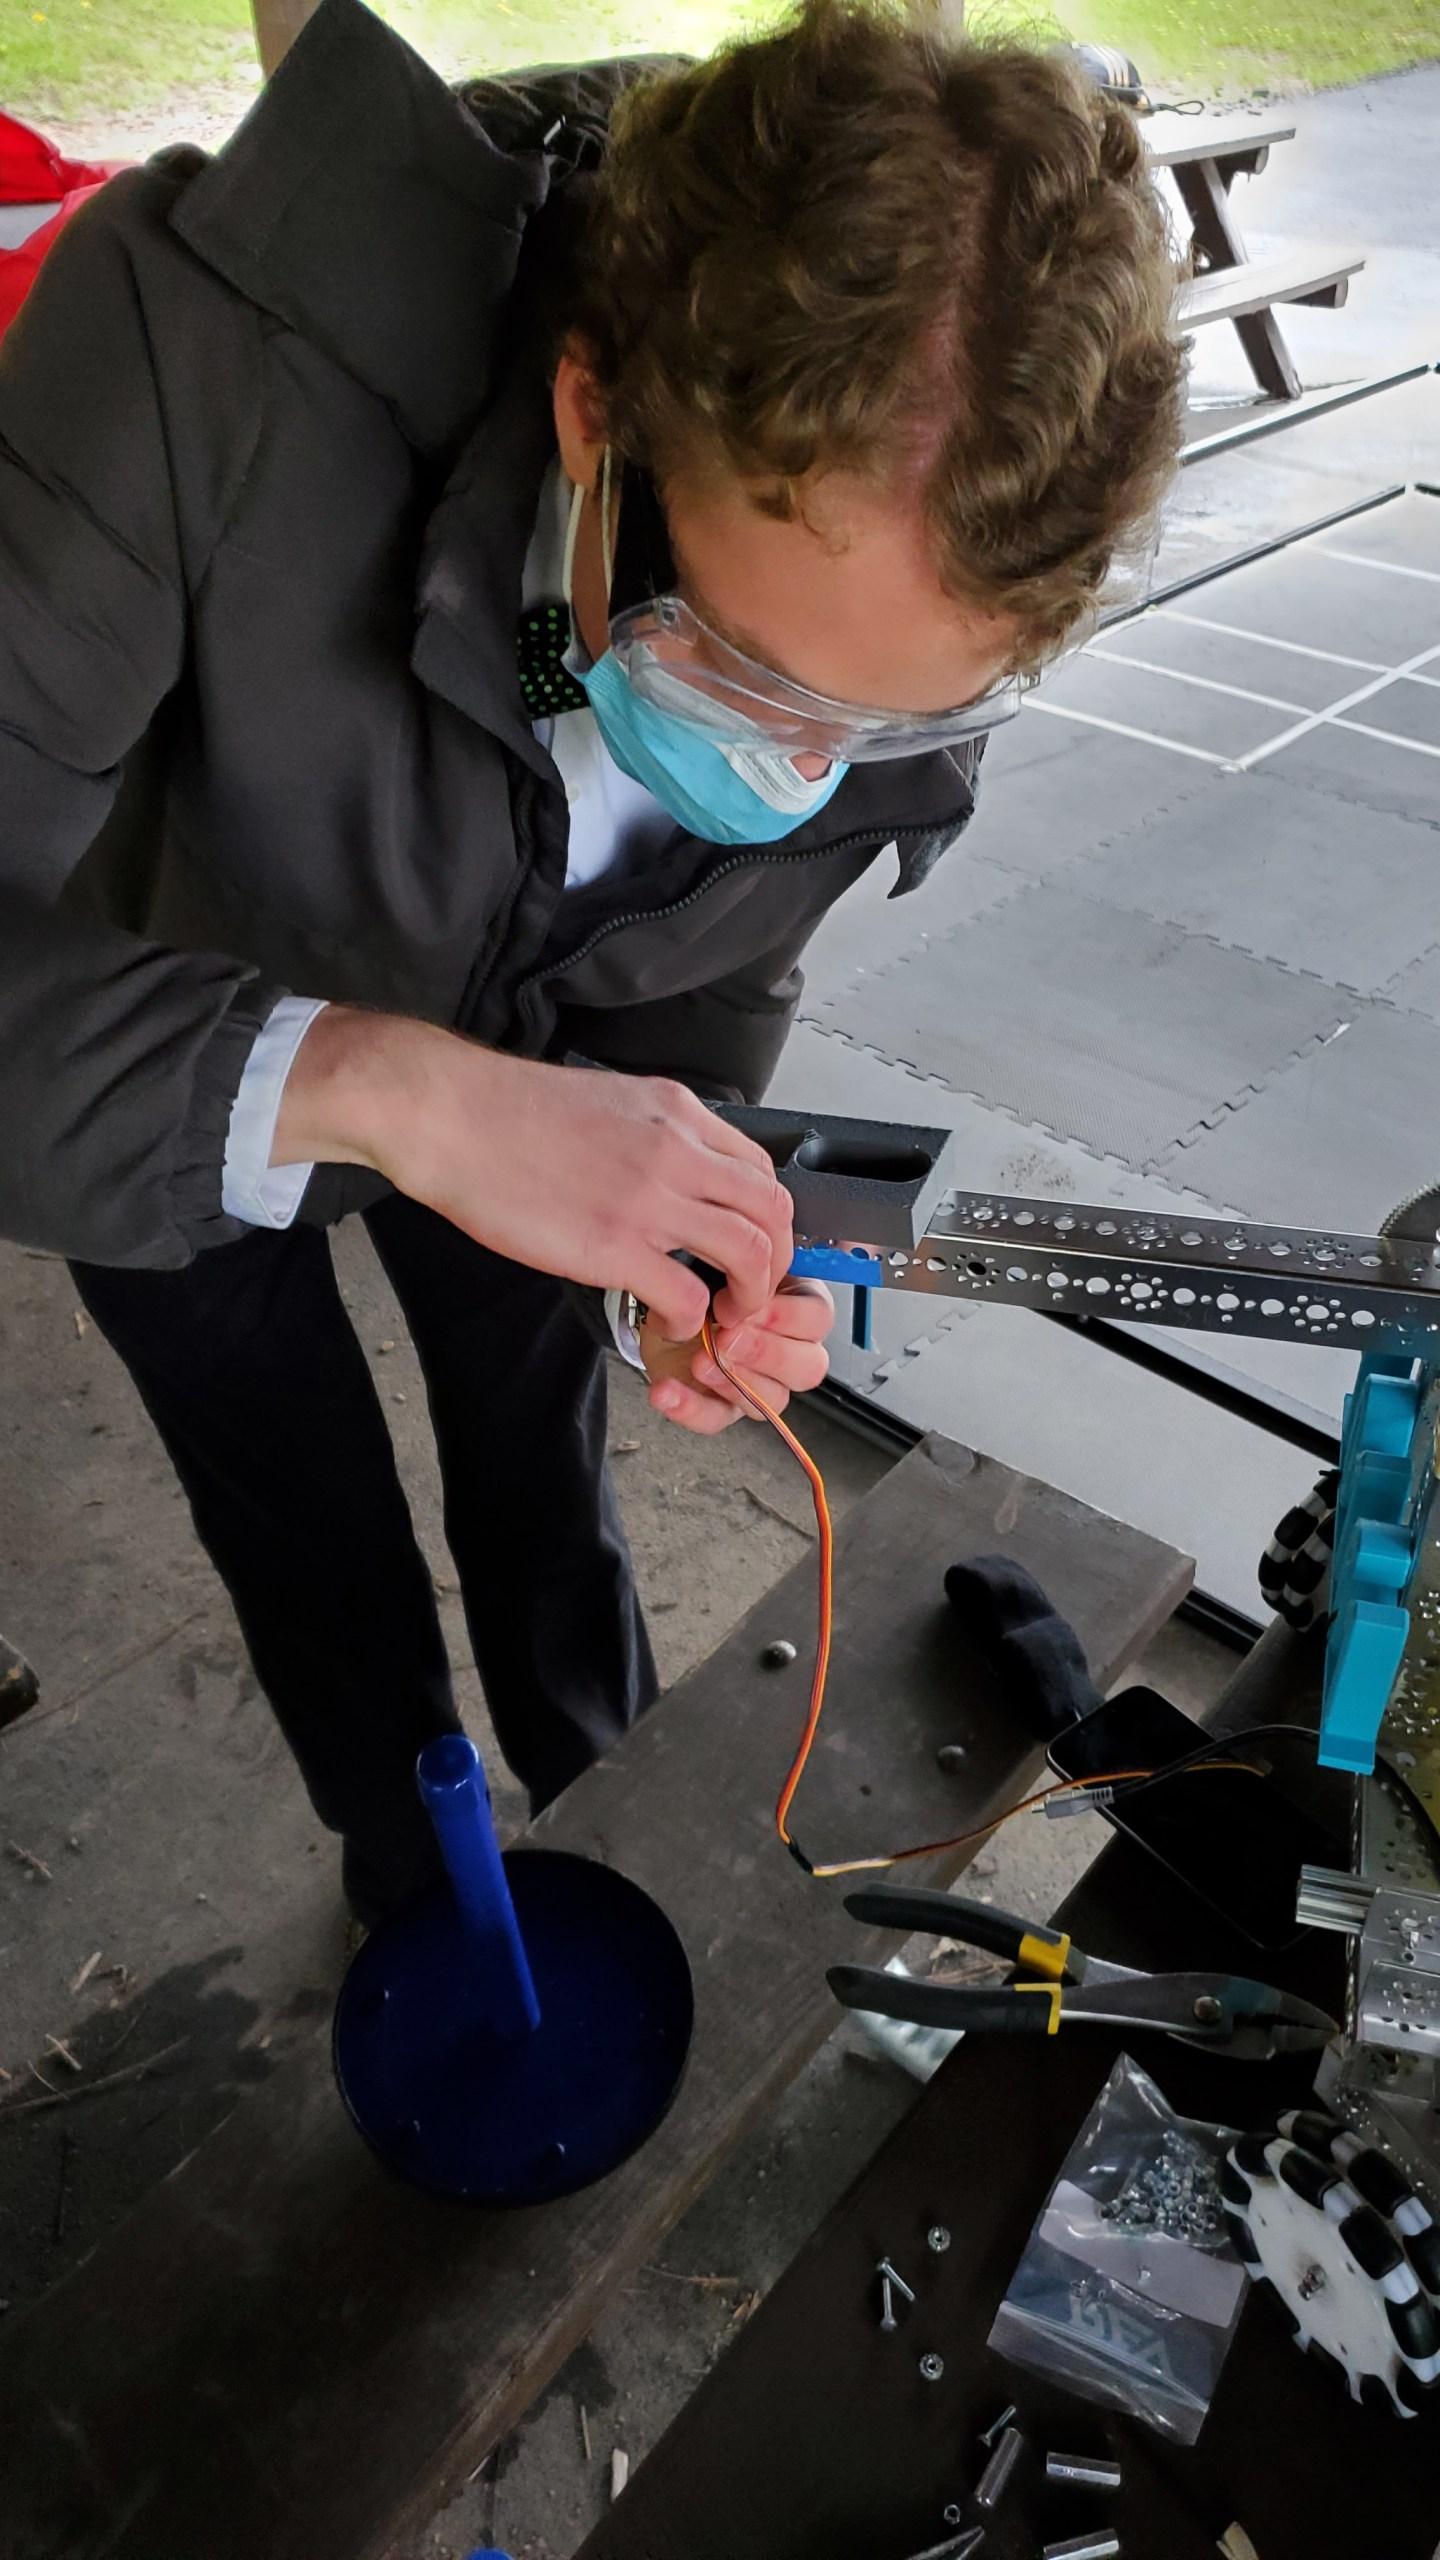 Isaiah Markle rewiring robot during outdoor meeting during Pandemic